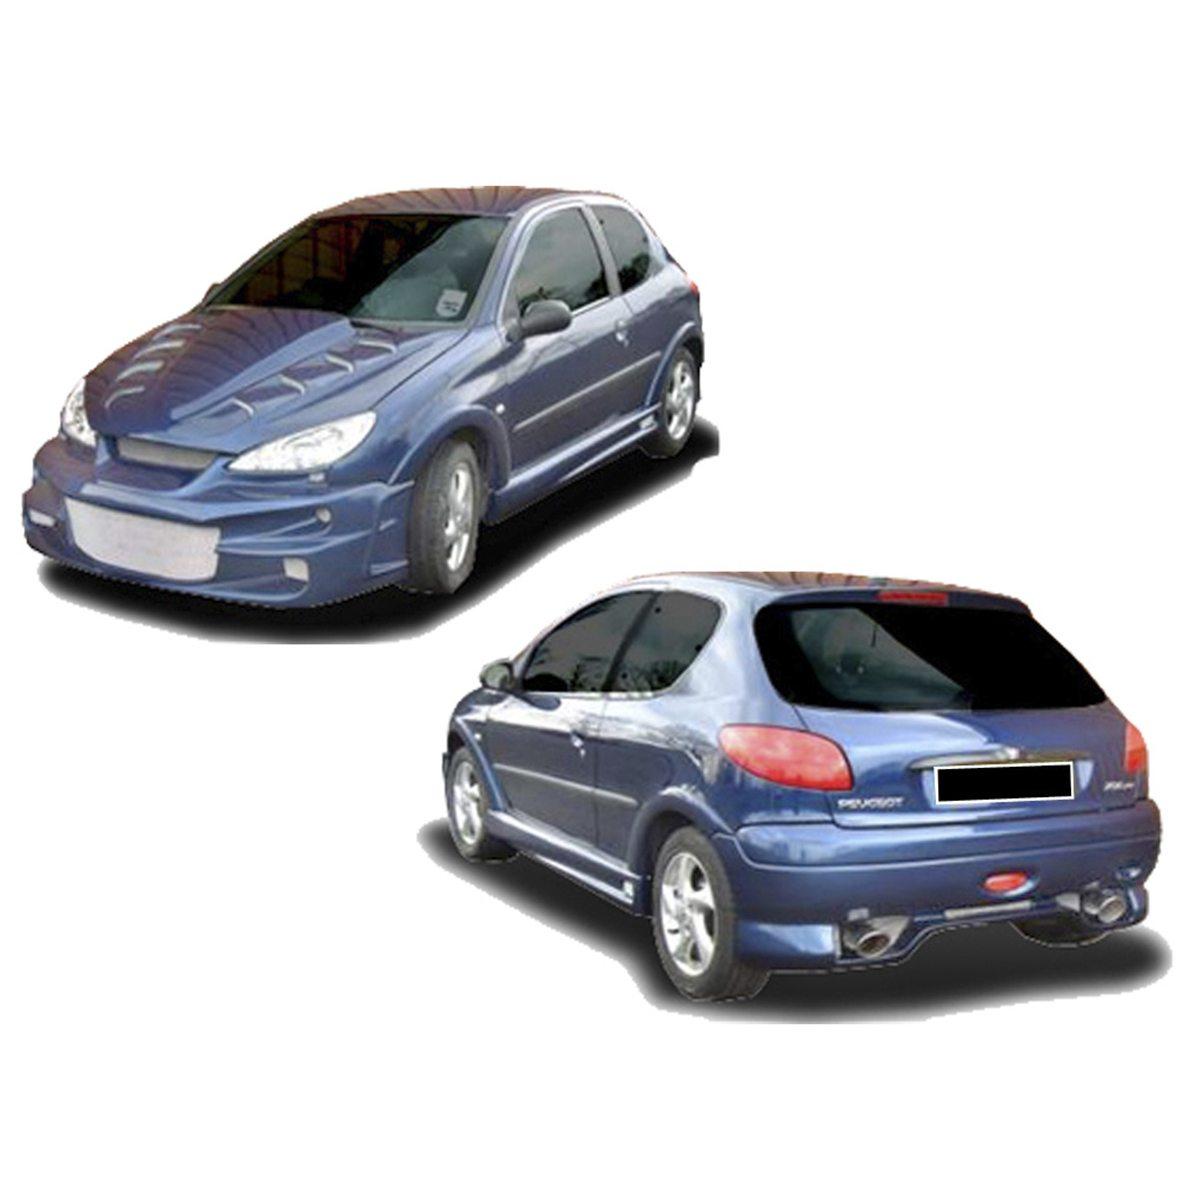 Peugeot-206-BadBoy-KIT-QTU020